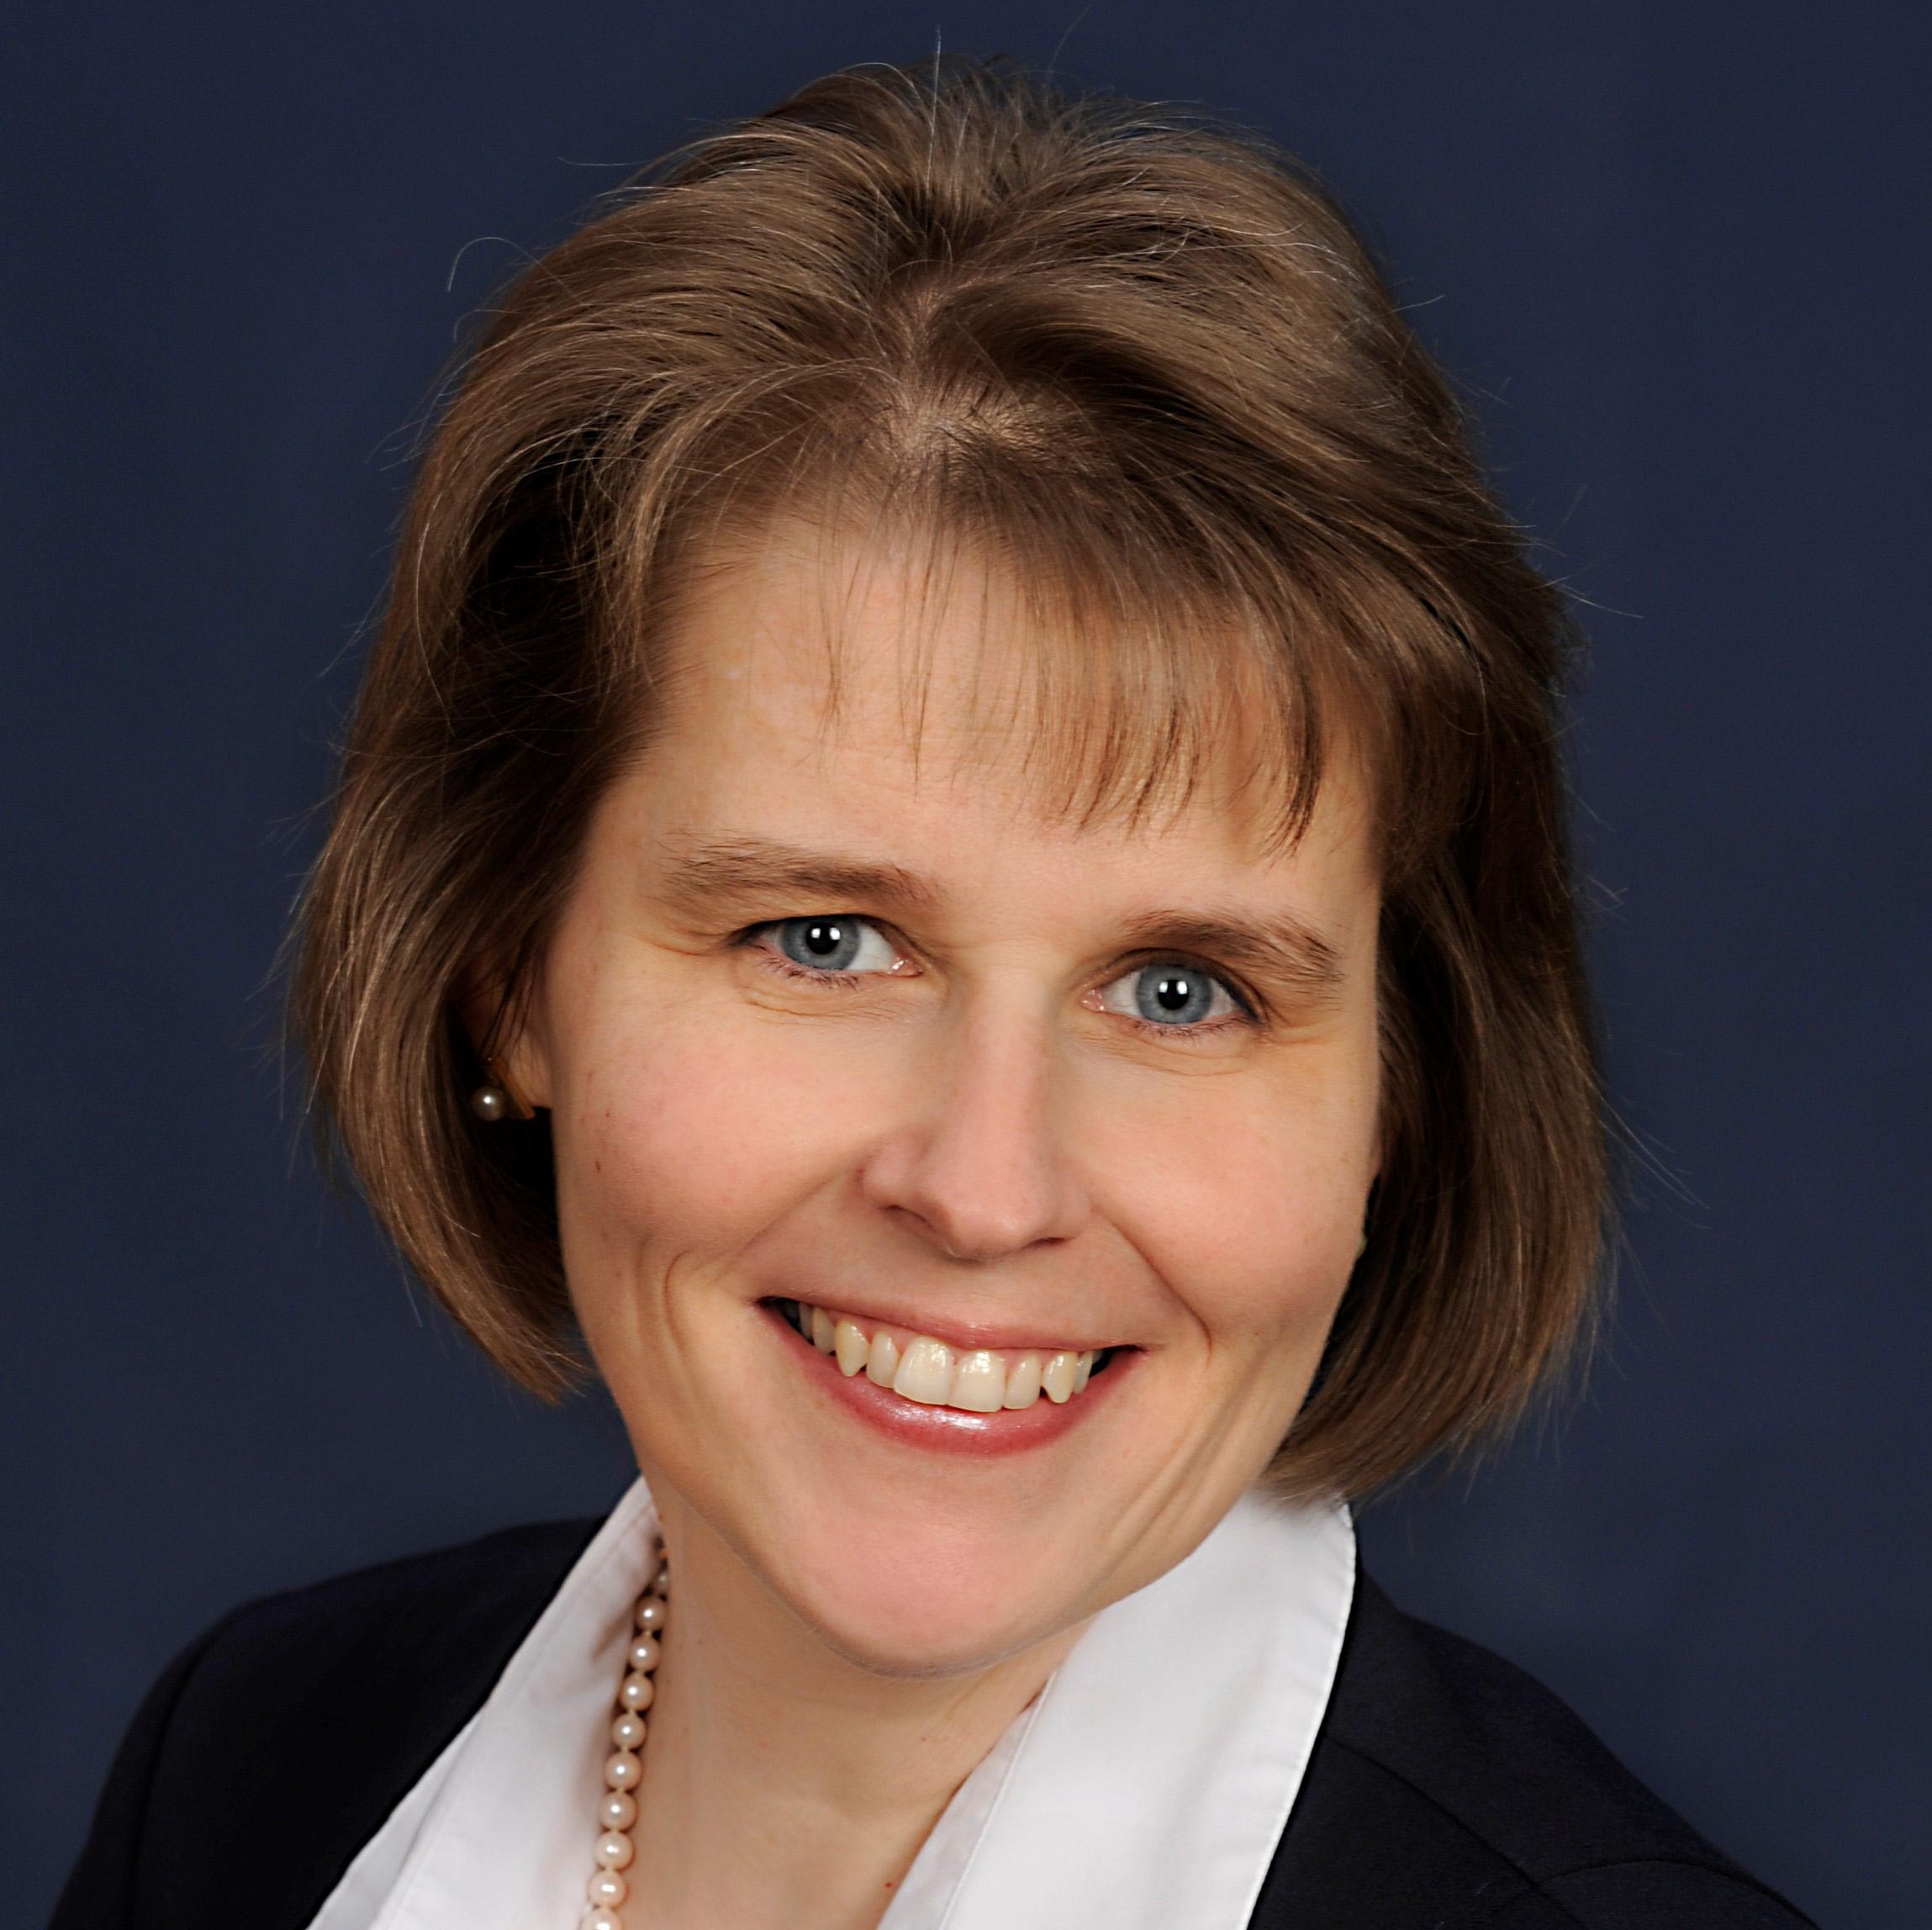 Barbara Streimelweger